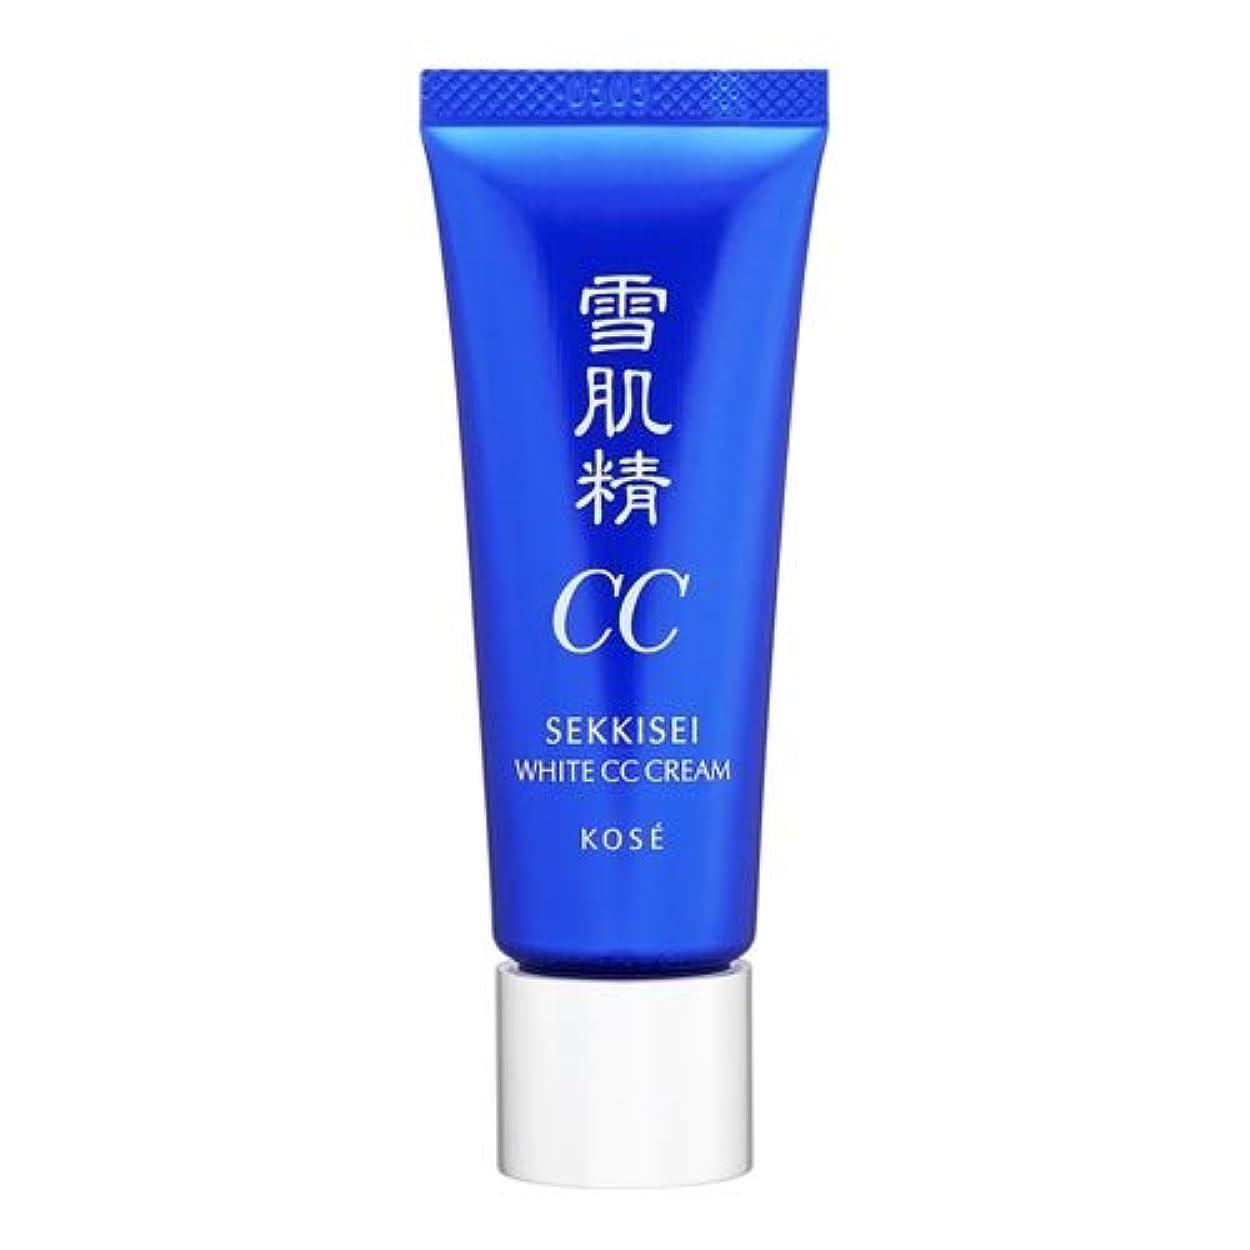 所得たっぷりグローコーセー 雪肌精 ホワイト CCクリーム 01 ライトオークル 26ml [並行輸入品]